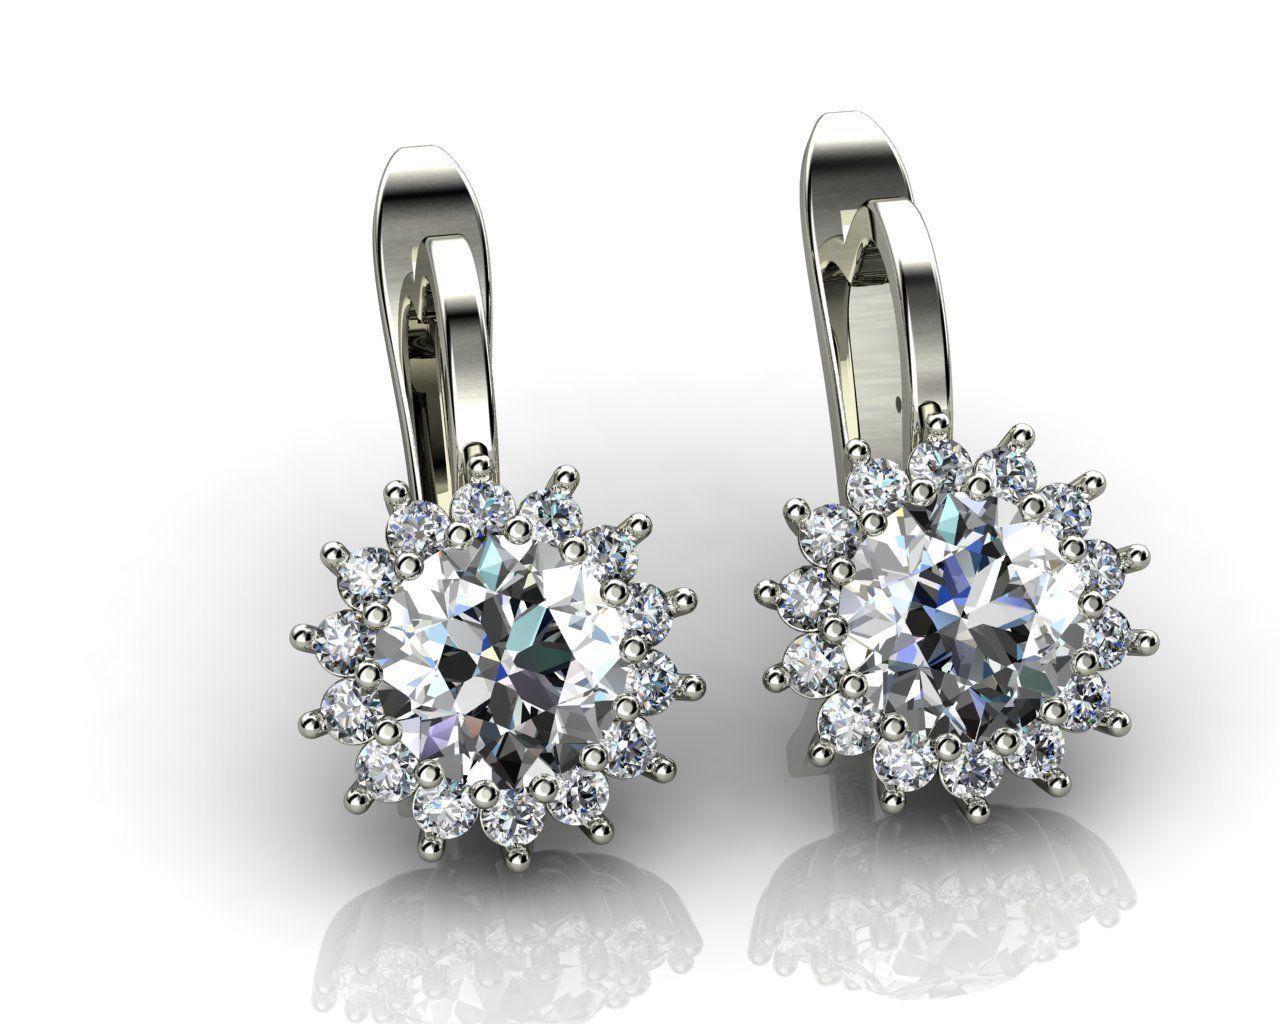 diamond-earring-collection-3d-model-stl-3dm.jpg